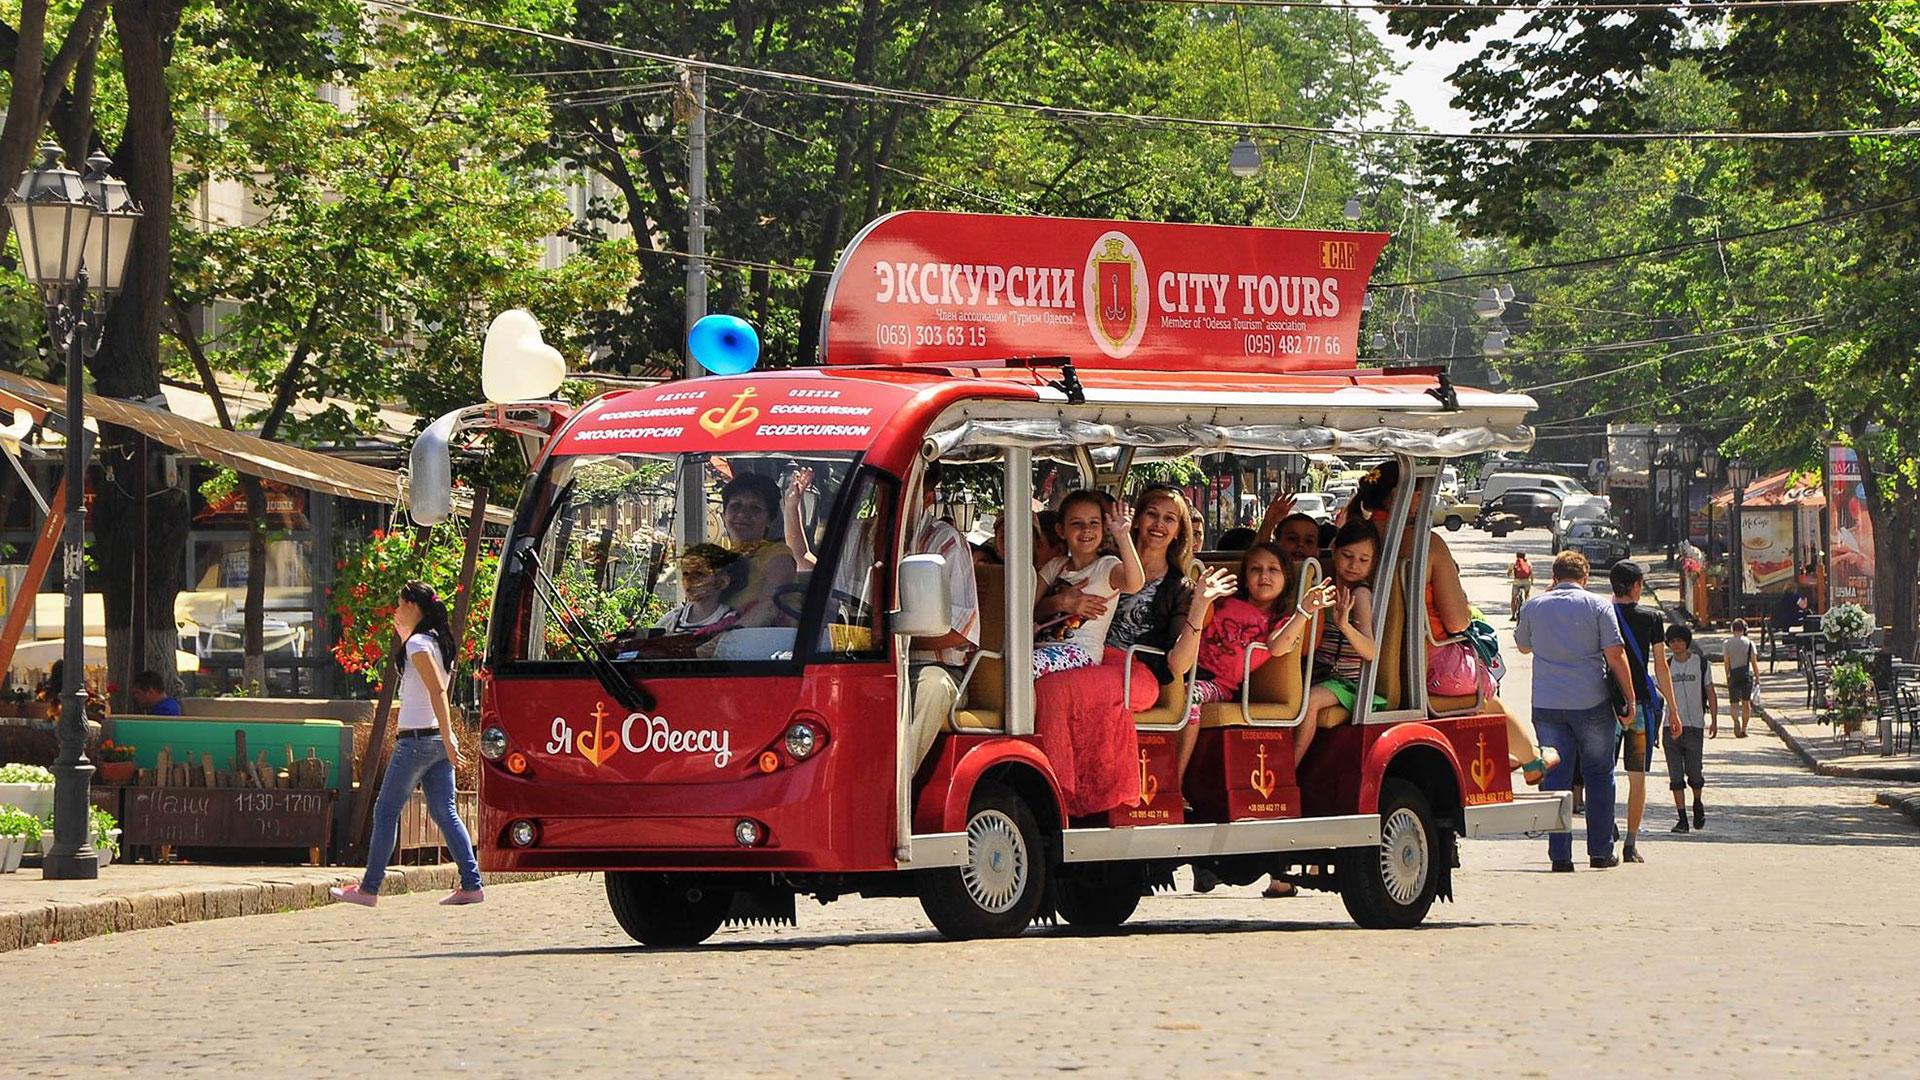 Сити Тур Одесса - Экскурсии по Жемчужине